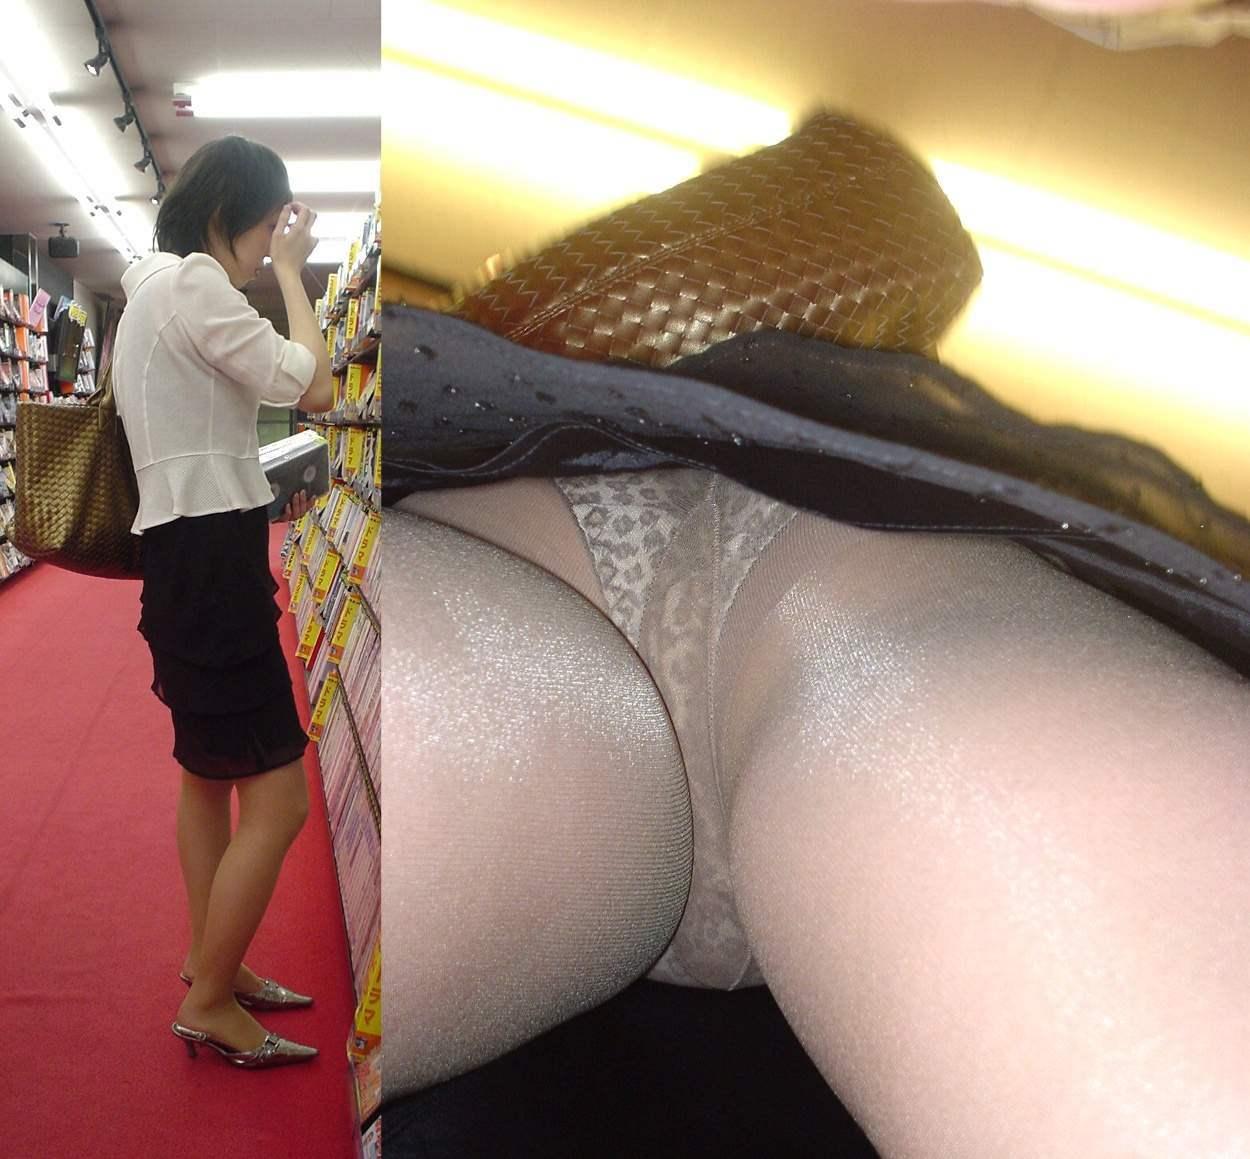 【パンチラエロ画像】どんな下着も丸見え!ムッチリ股間を逆さ撮りwww 09